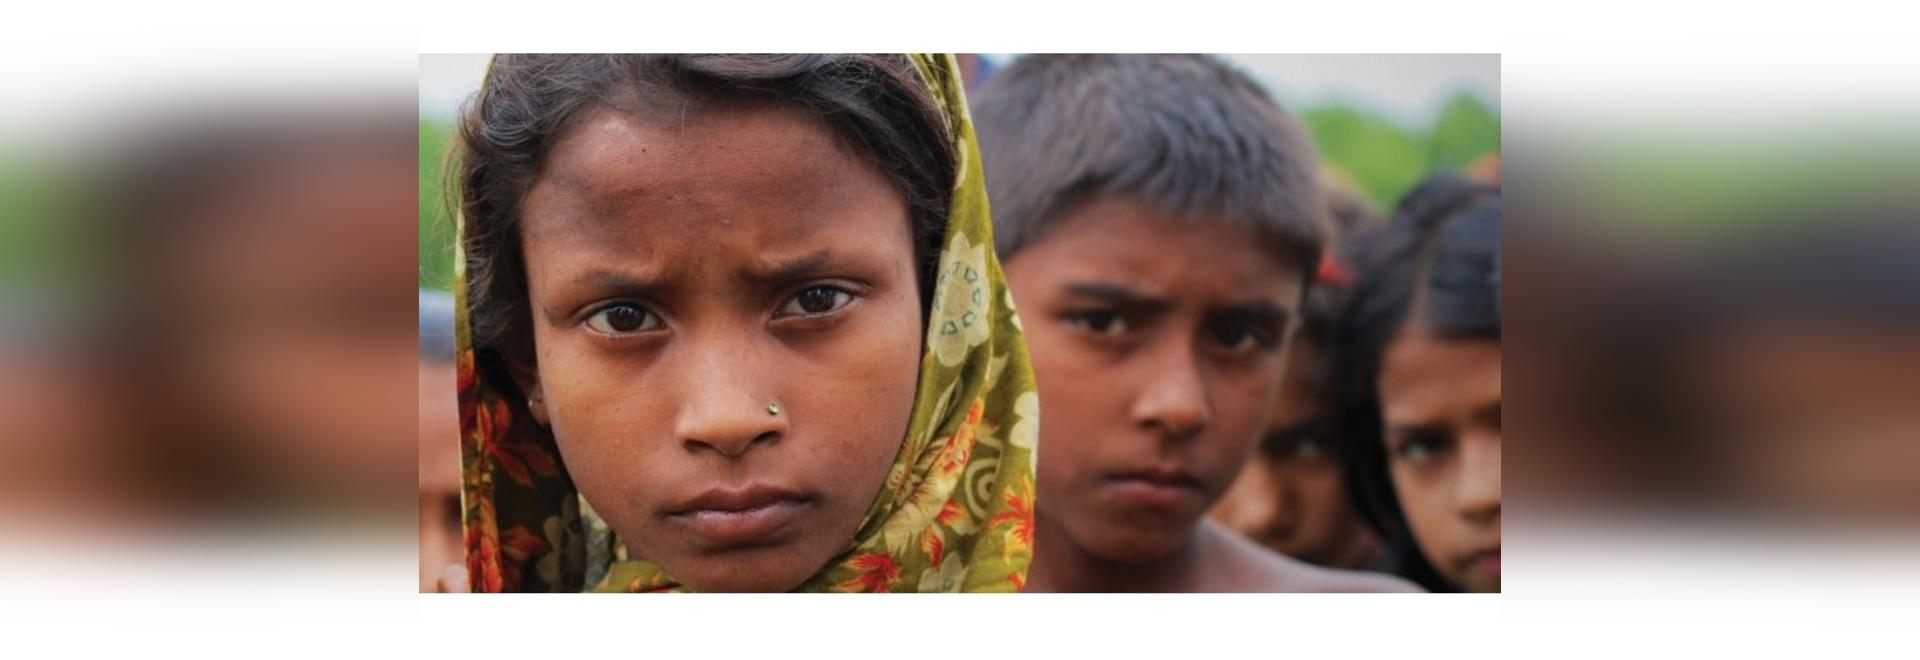 Essai de phase 3 du vaccin contre la typhoïde au Népal